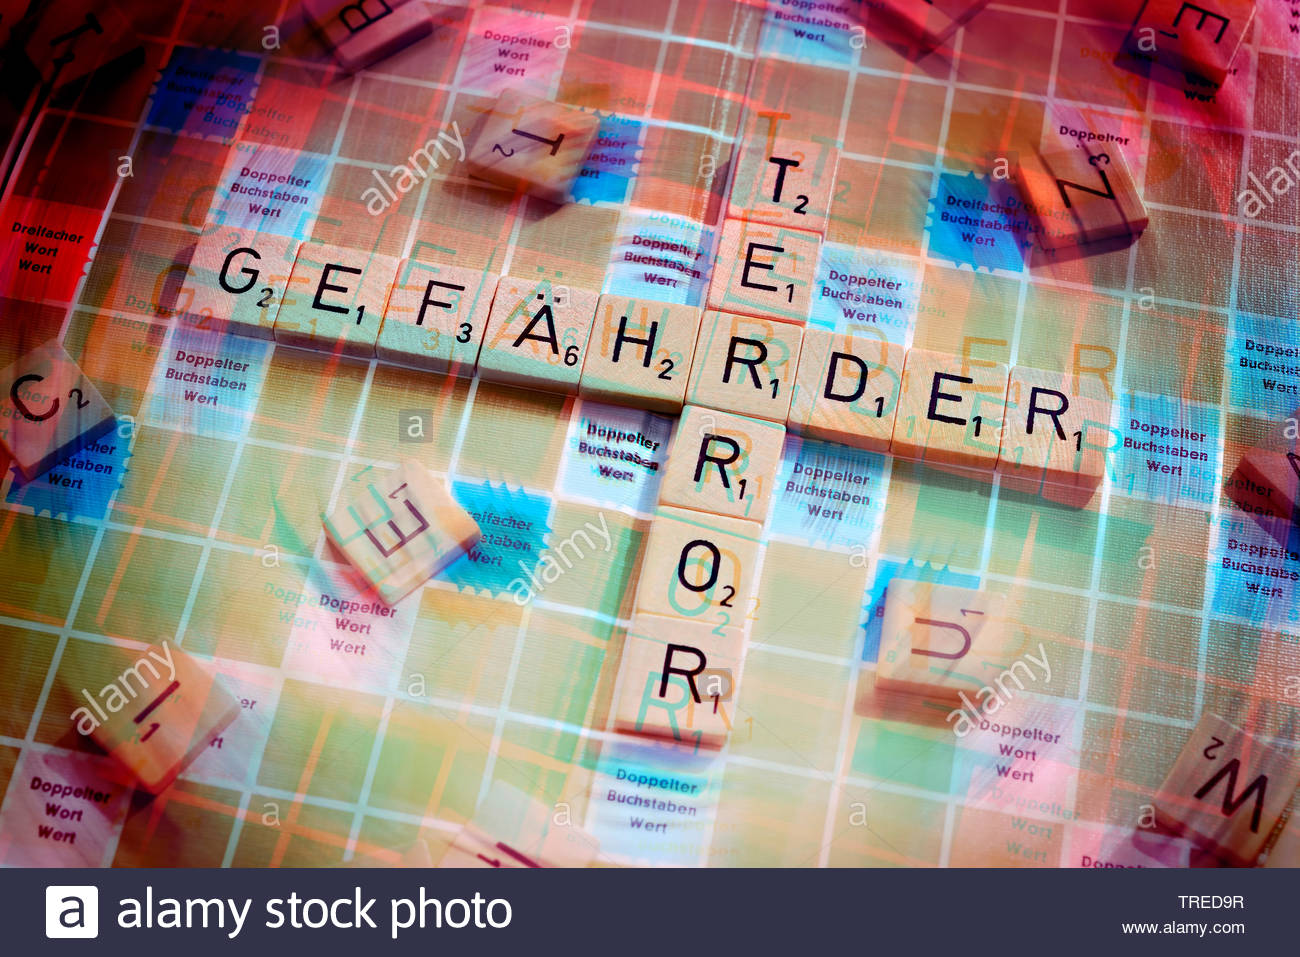 Scrabble-Spielbrett mit den Worten GEFAEHRDER und TERROR - Terrorgefahr, Bundesrepublik Deutschland | Scrabble board mit characters GEFAEHRDER (endang - Stock Image